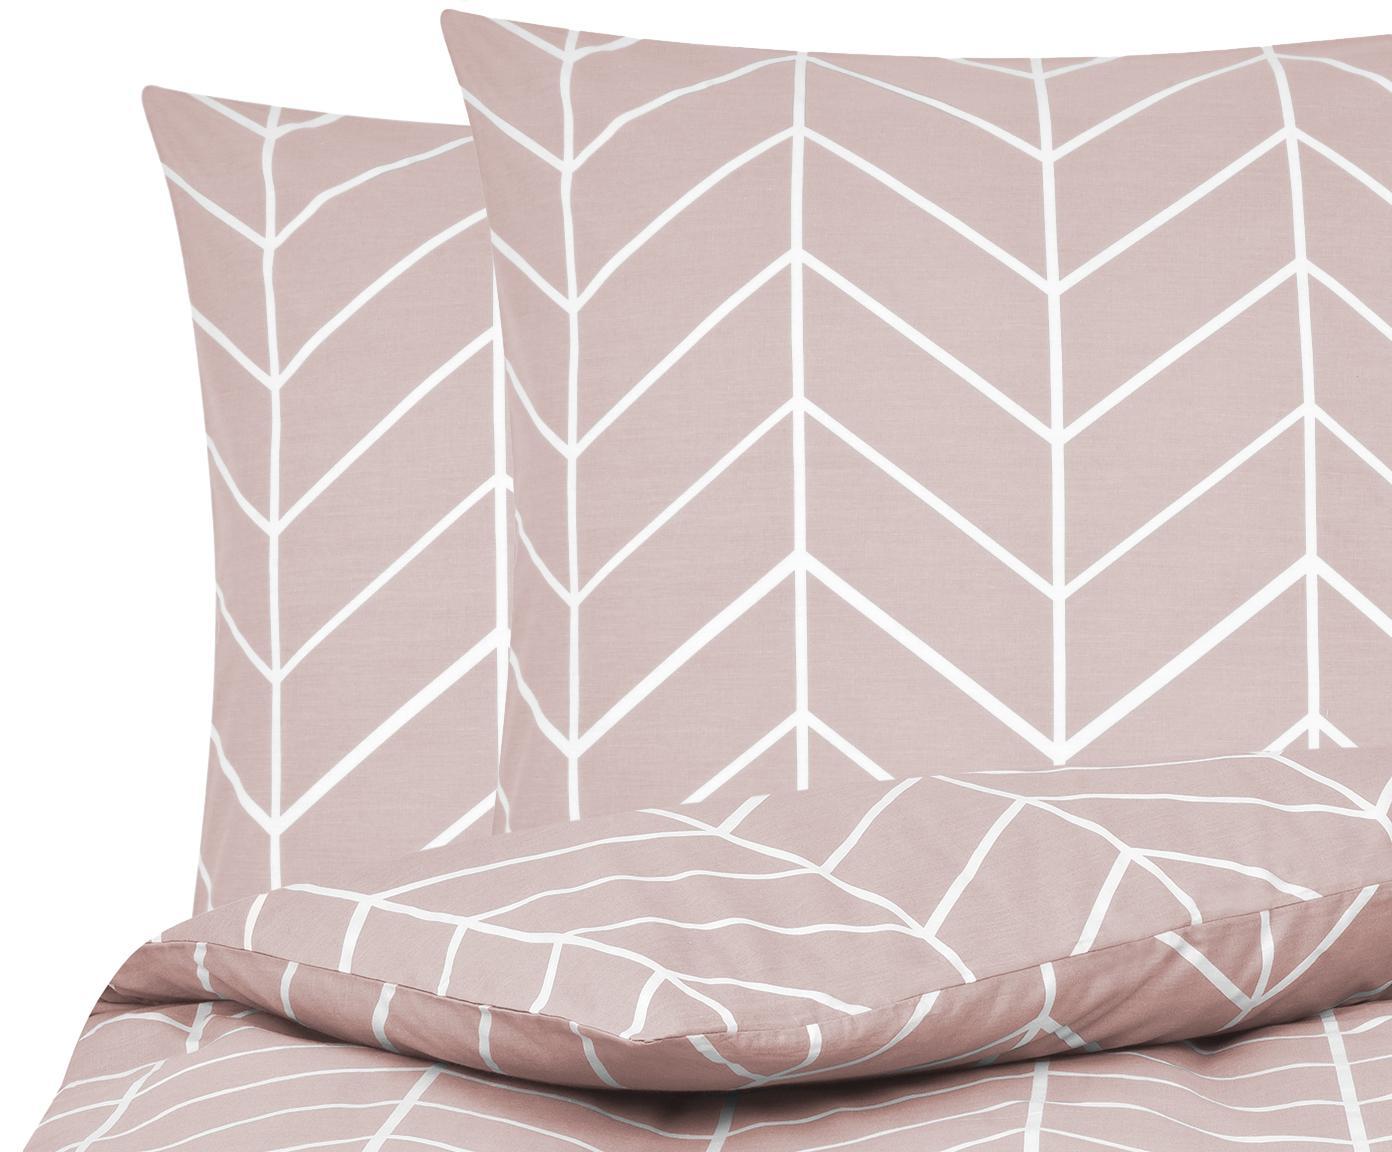 Baumwoll-Bettwäsche Mirja mit grafischem Muster, Webart: Renforcé Fadendichte 144 , Altrosa, Cremeweiß, 240 x 220 cm + 2 Kissen 80 x 80 cm